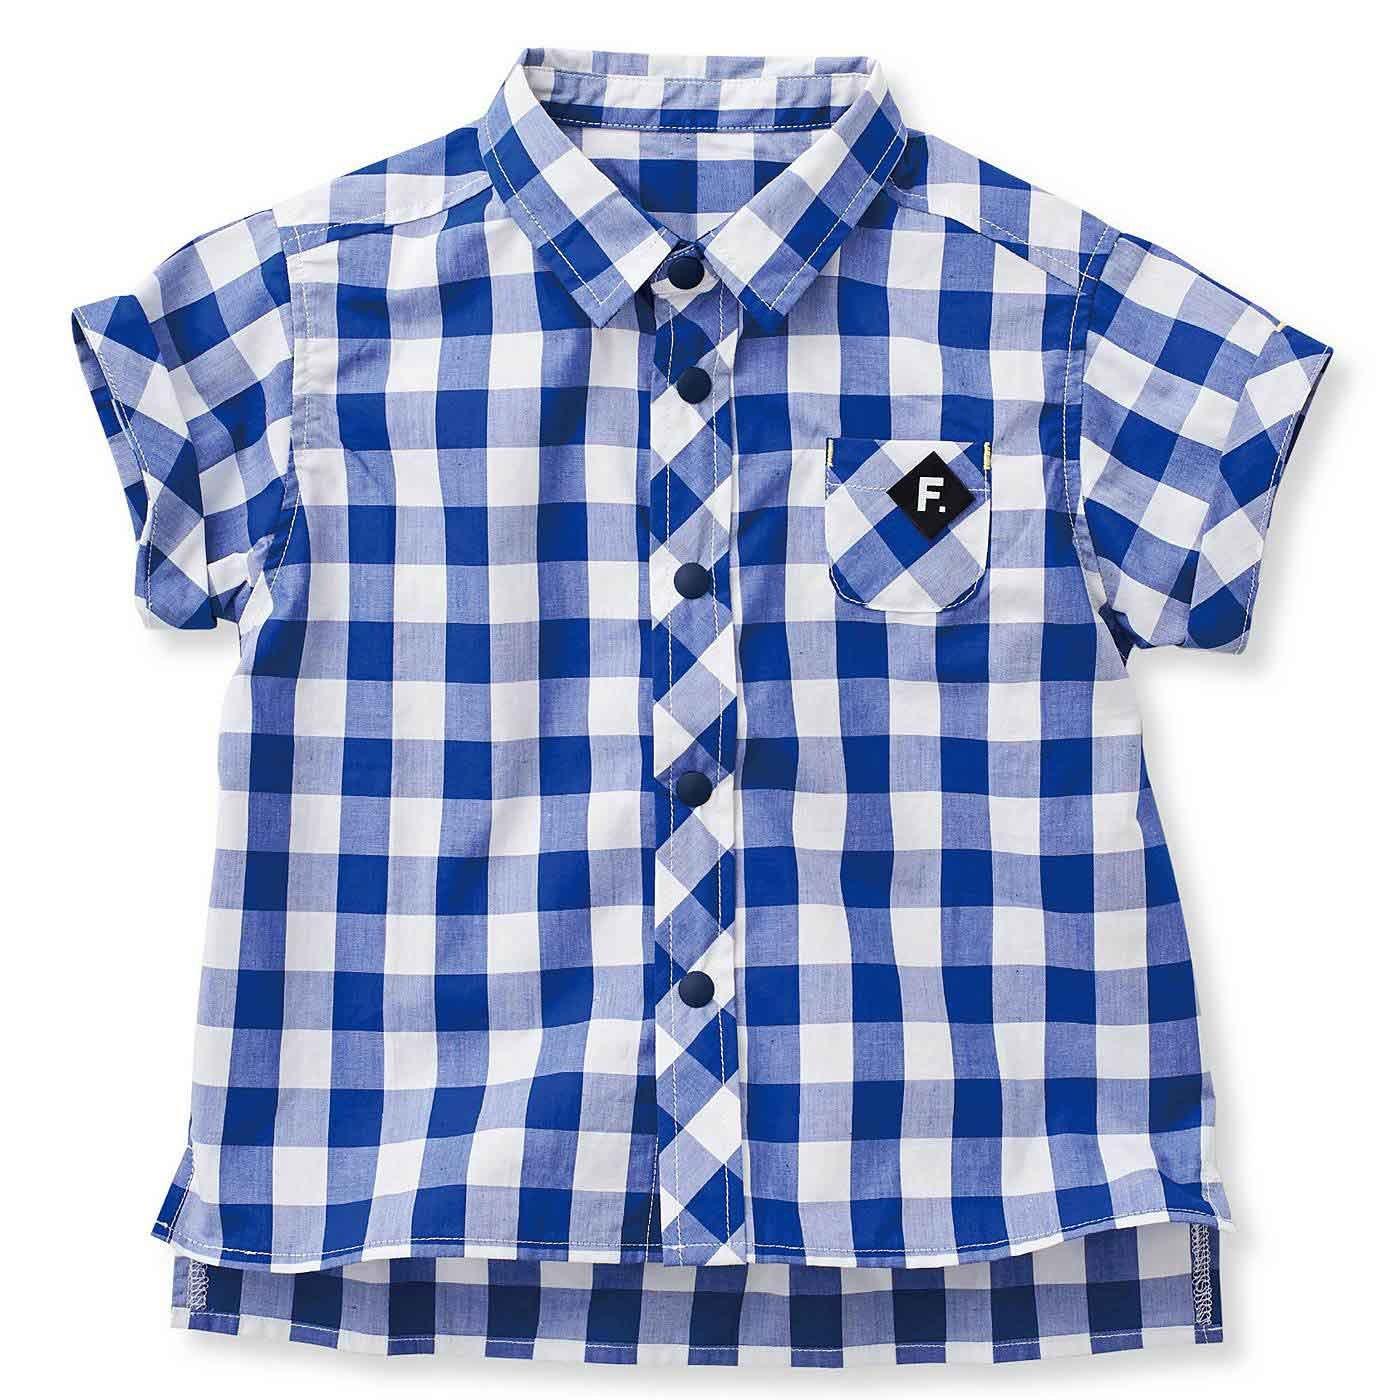 ひとりで着替えやすい ビッグなギンガムのコットンゆるりシャツ〈ブルー×ホワイト〉